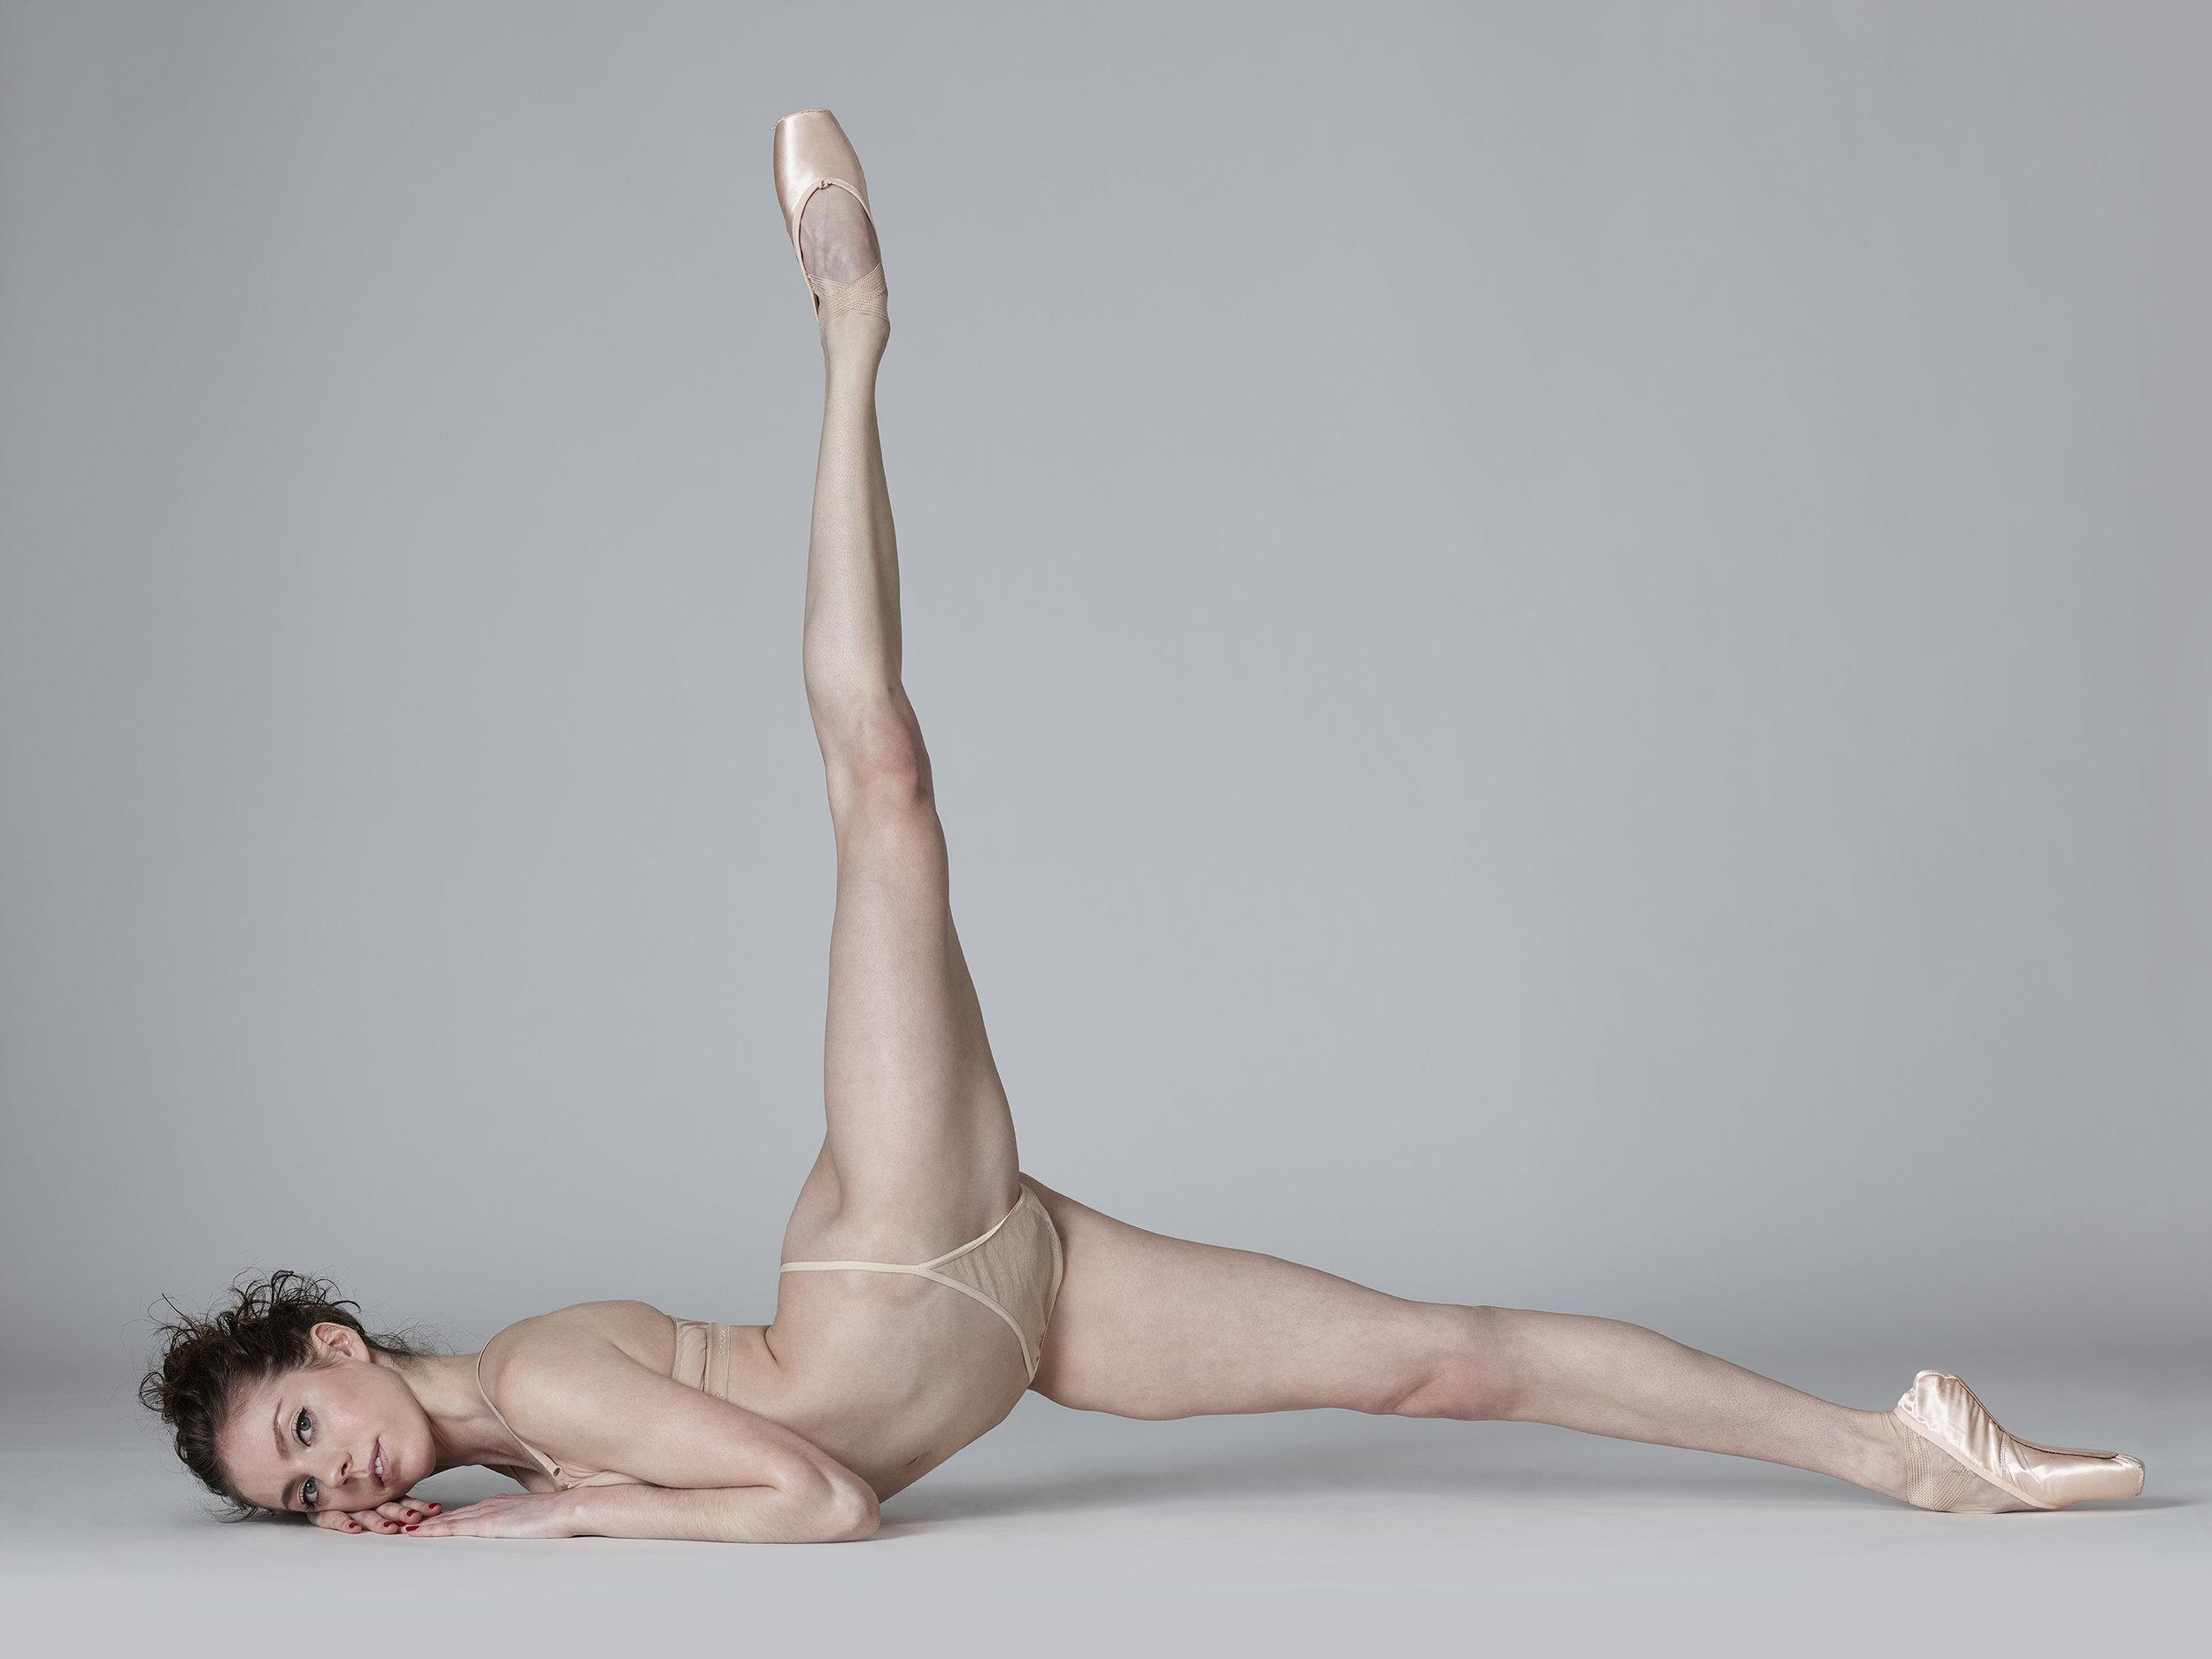 BalletApt-0210201721727-s.jpg